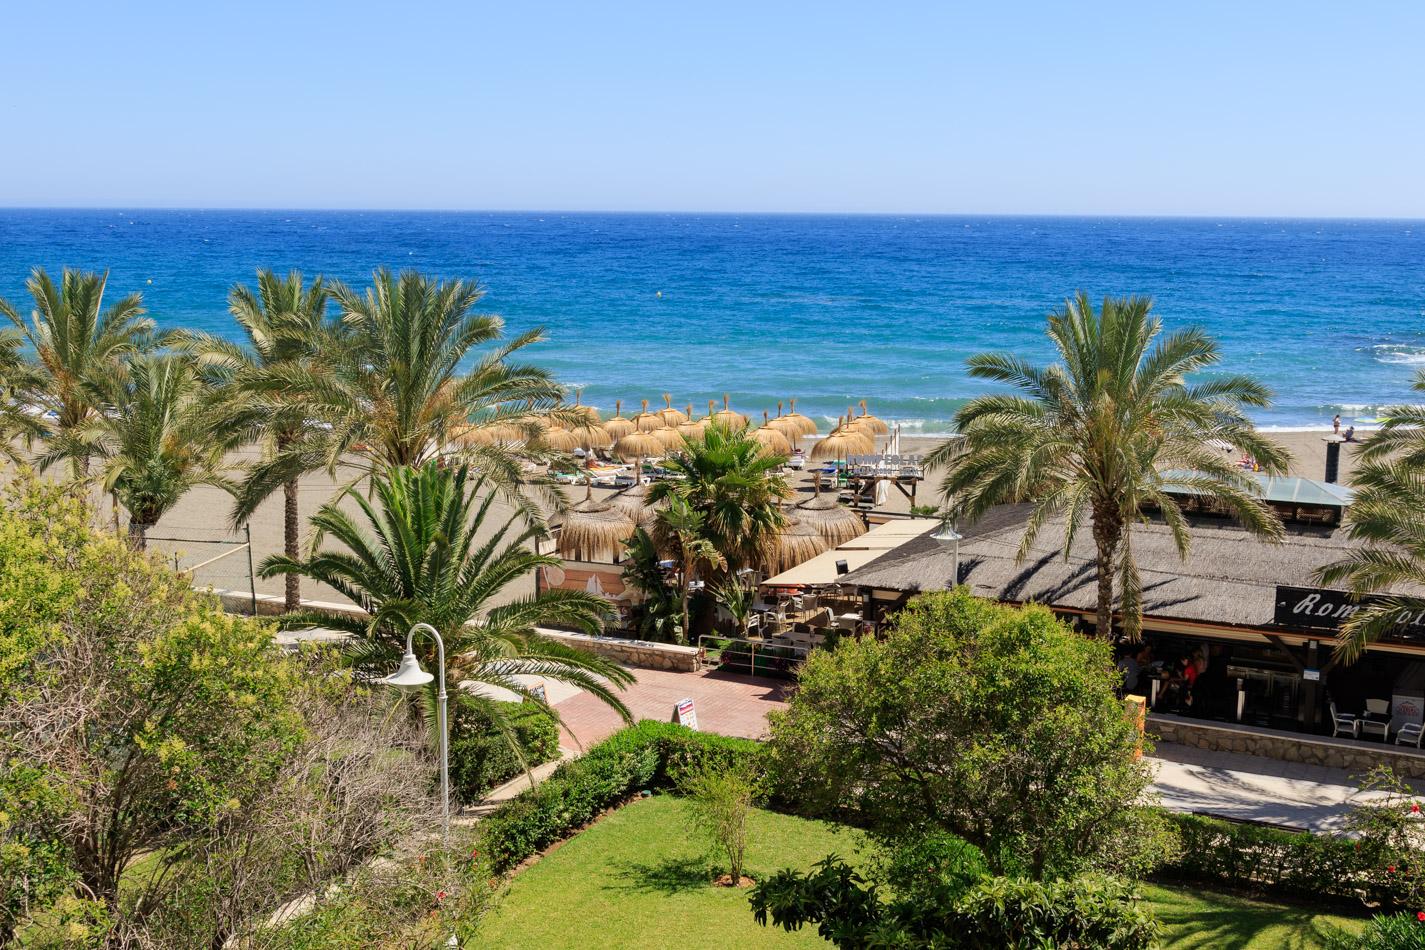 Uitzicht appartement | Spanje, Algarobbo Costa, 13 juni 2016